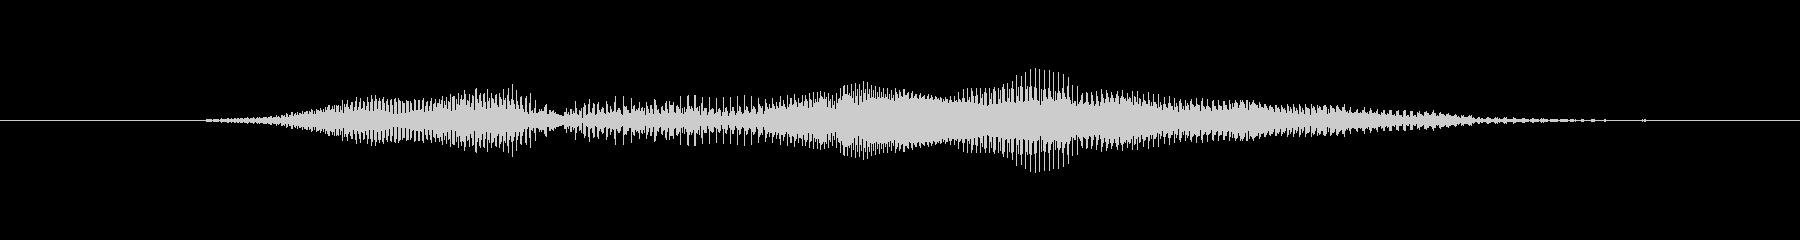 鳴き声 女性02応援09の未再生の波形